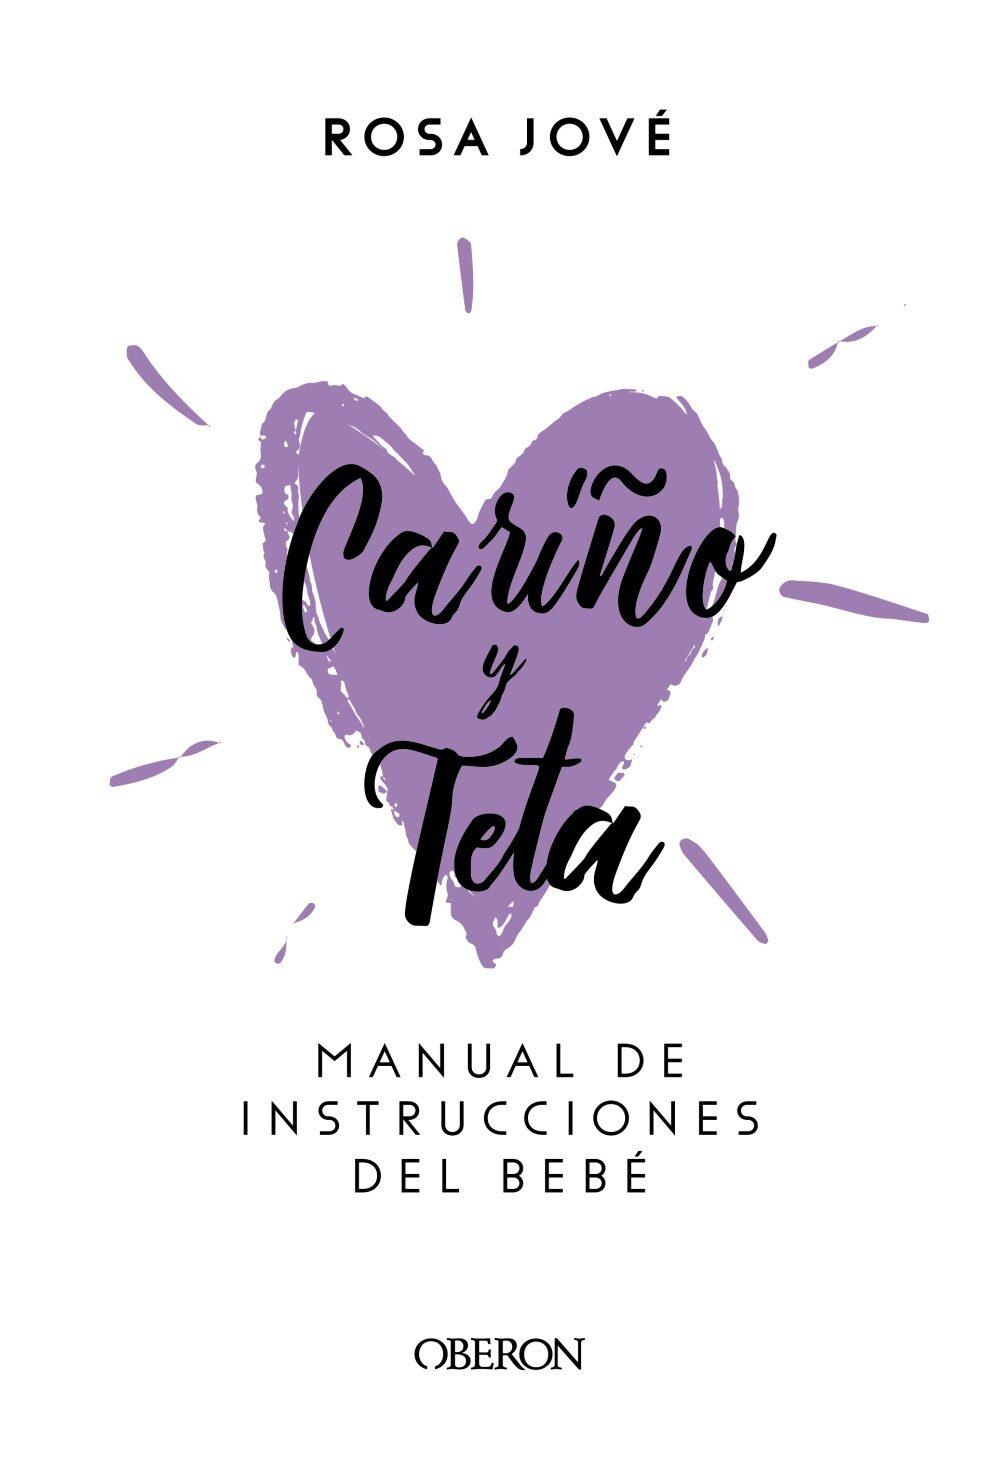 cariño y teta: manual de instrucciones del bebe-rosa mª jove  montanyola-9788441540392